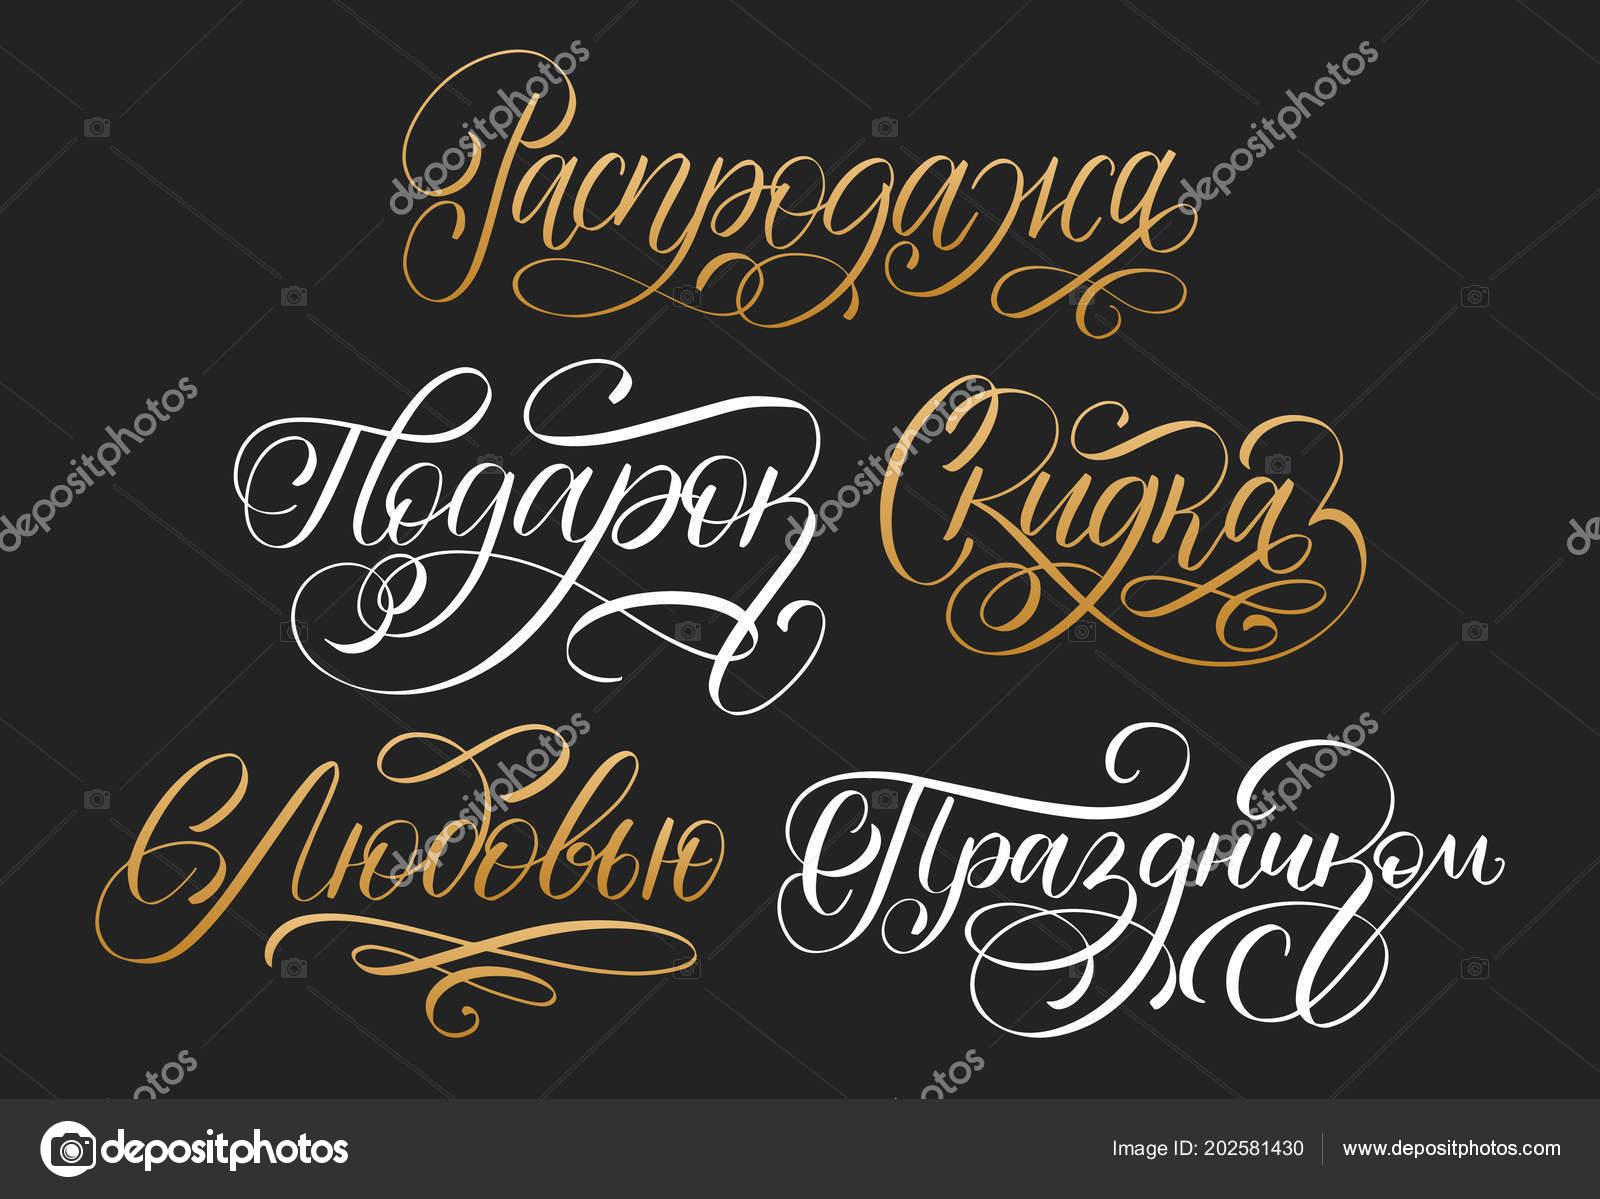 Frohe Weihnachten Russisch Kyrillisch.Skidka Prazdnikom Podarok Rasprodazha Etc übersetzt Aus Dem